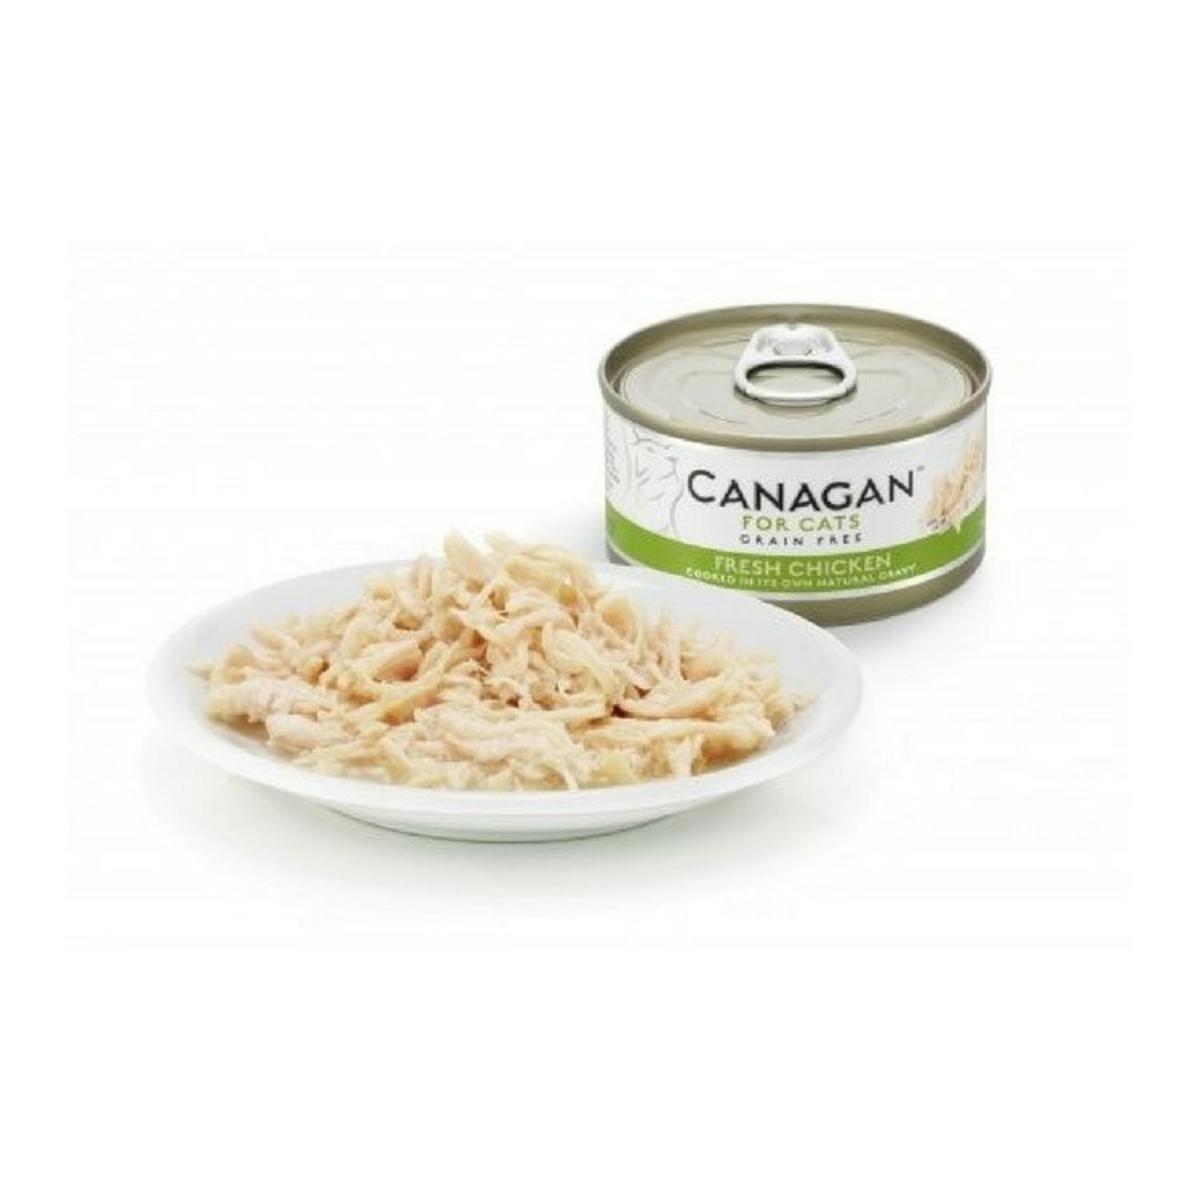 Canned gluten-free chicken cat  - 75g